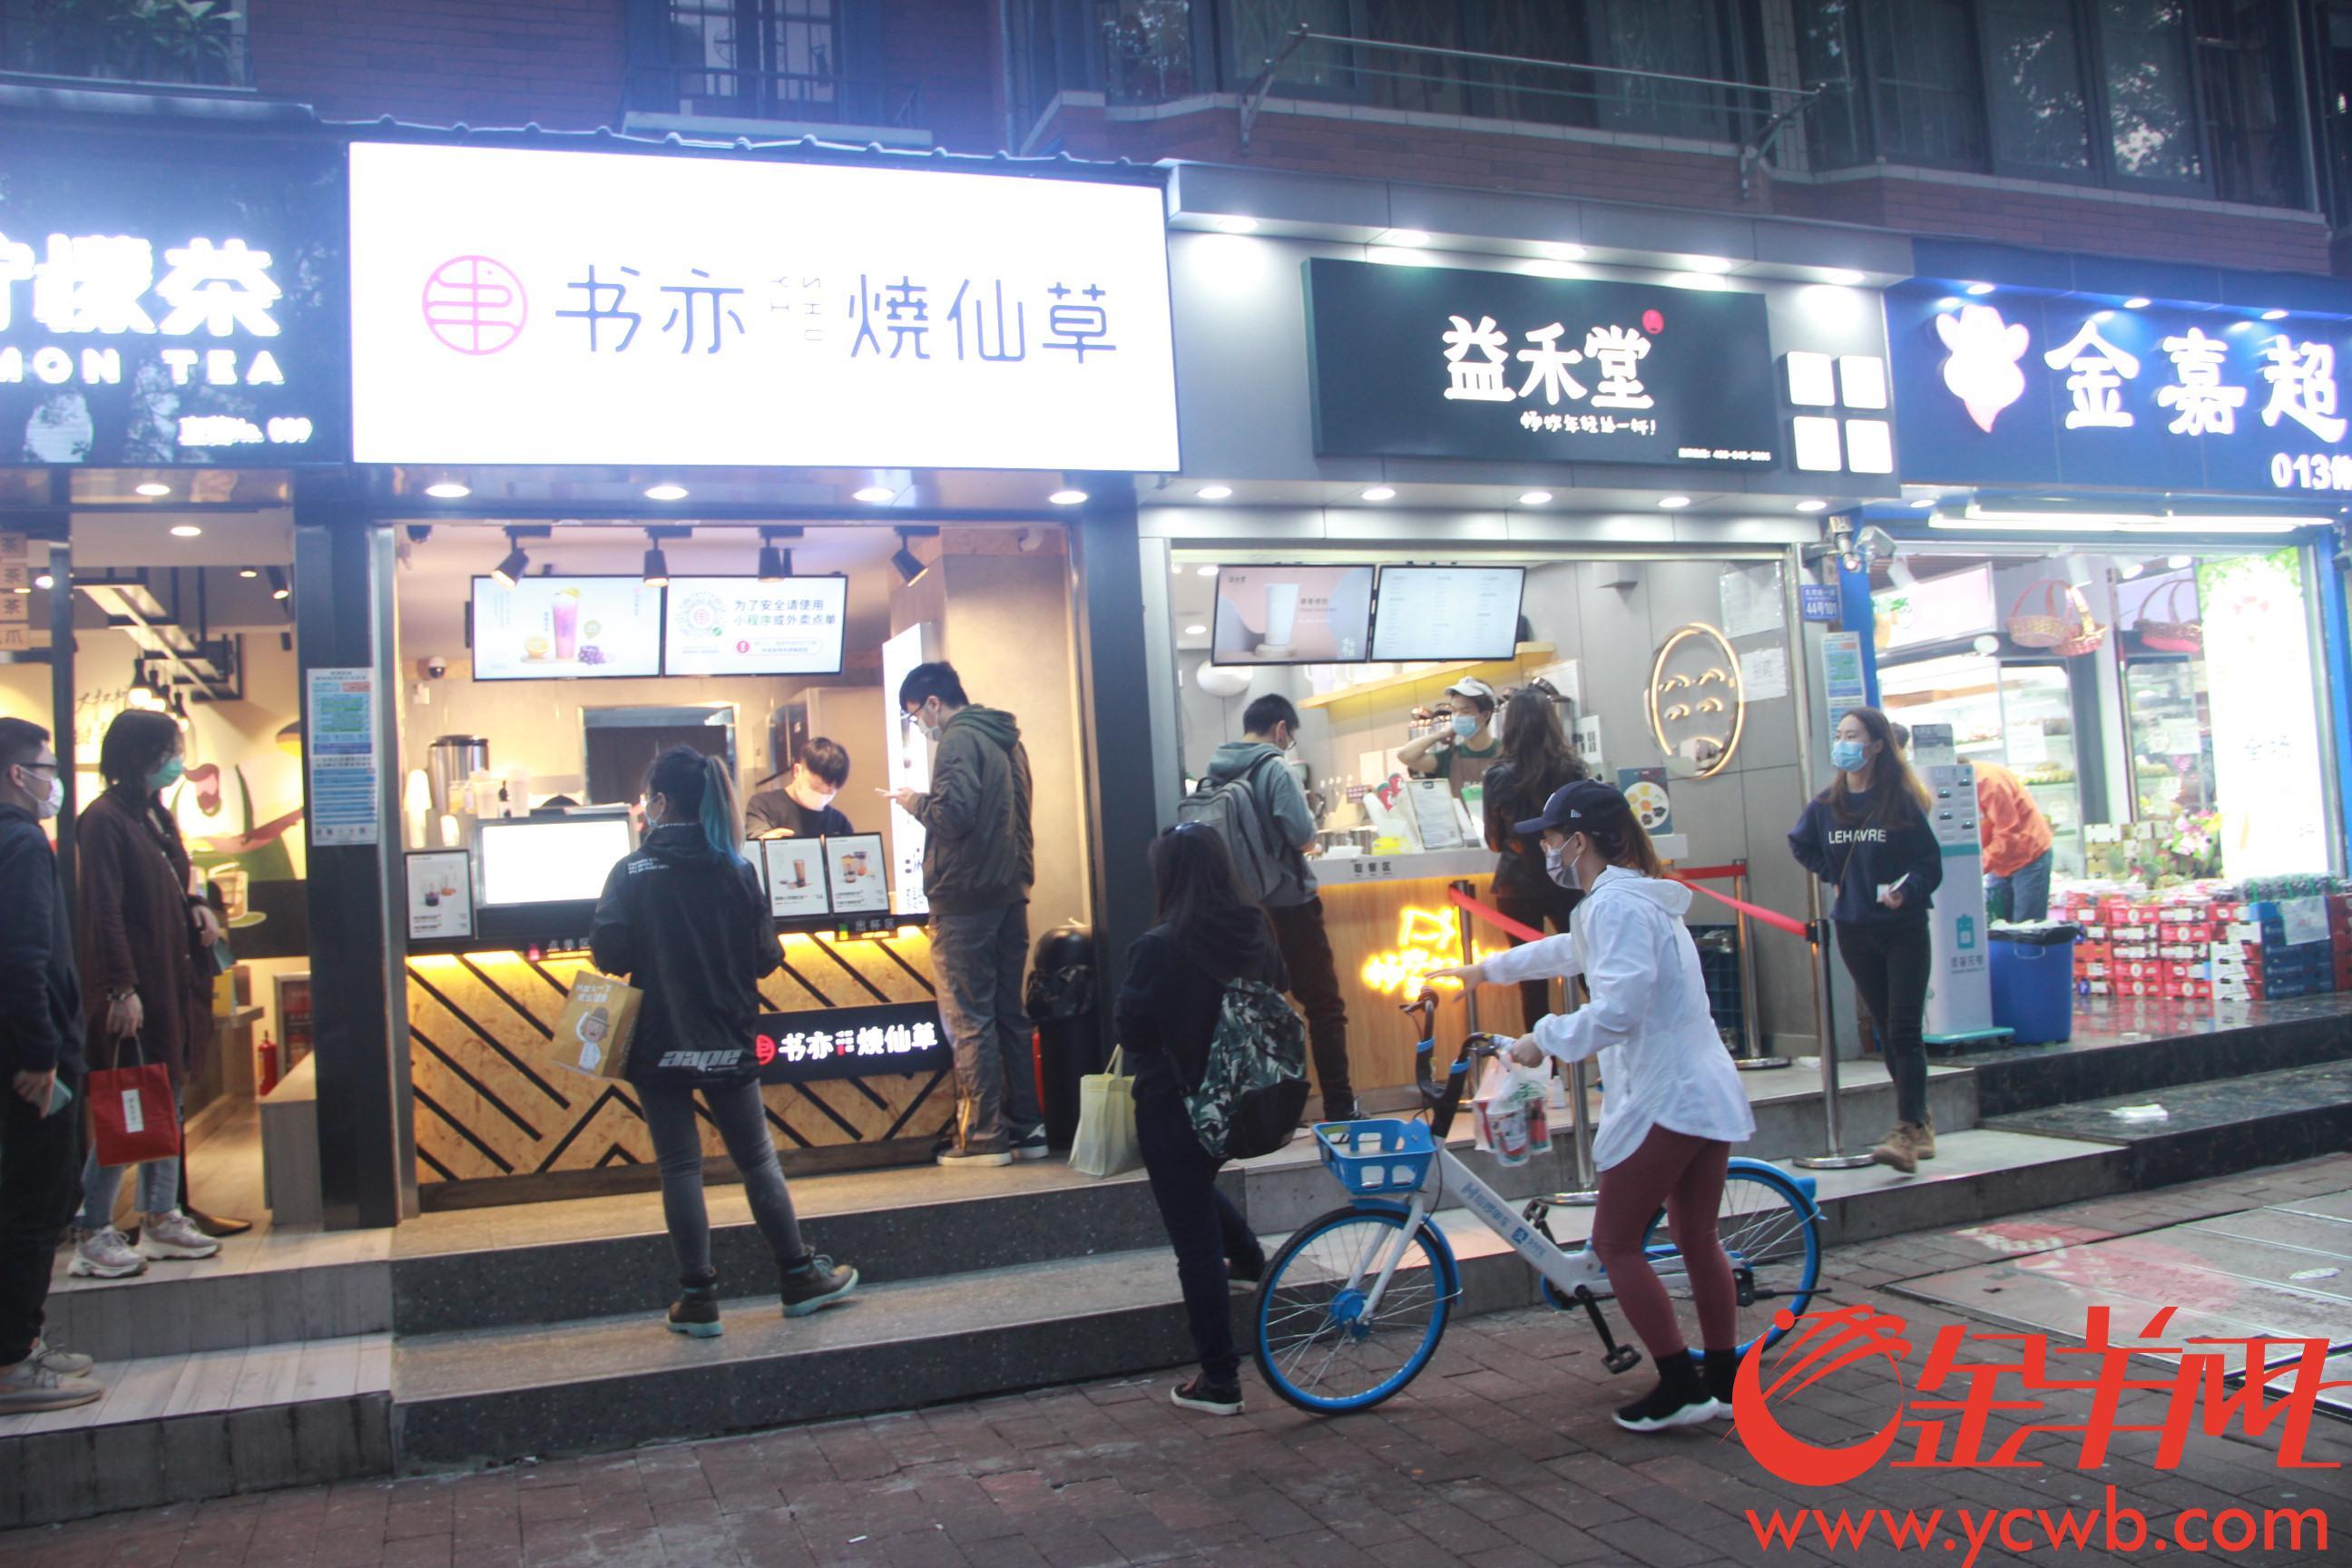 广东:合规个体工商户无需批准即